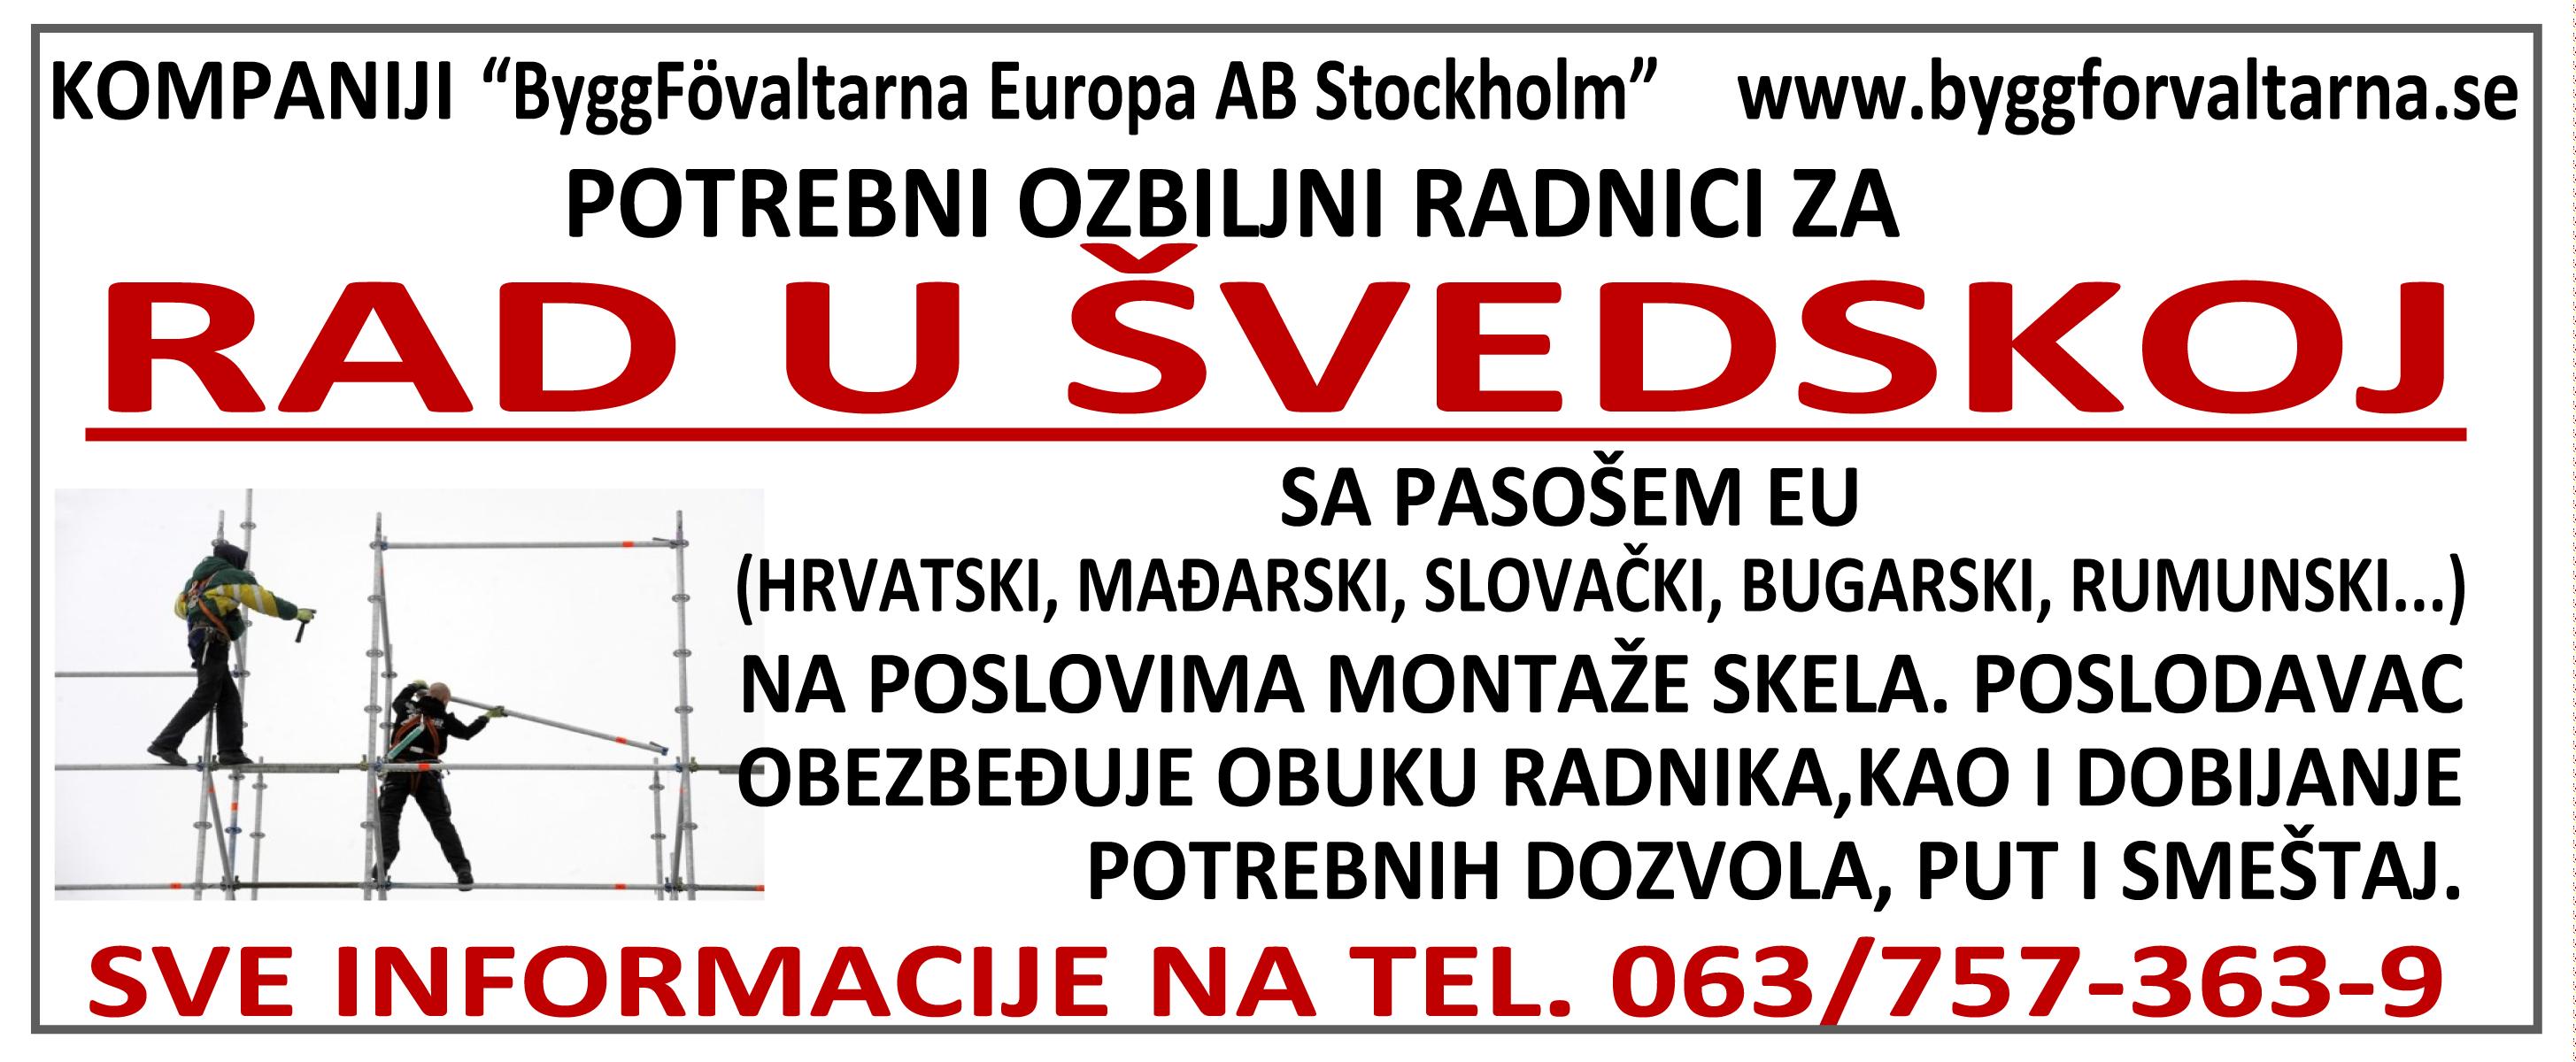 radusvedskoj-posao-inostranstvo-oglasi-poslovi-sweden-radnaskeli-gradjevina-inposlovi-raduevropi-mojabazacom